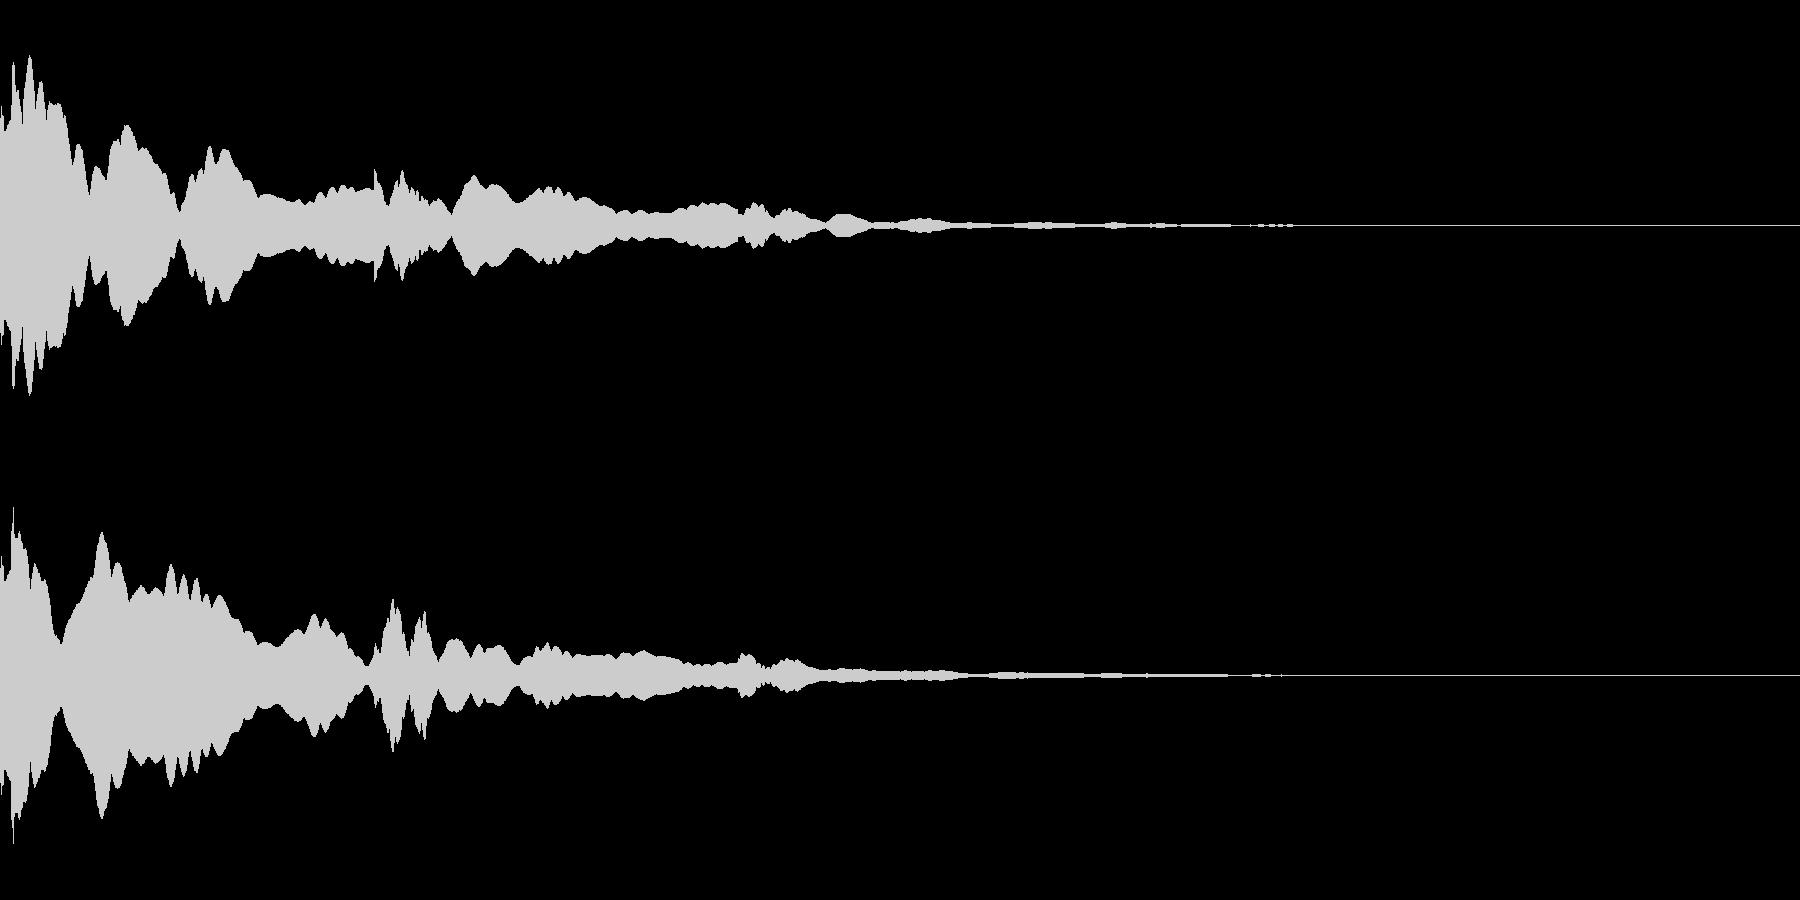 システム/金属/ベル/ポン/メタル/1の未再生の波形